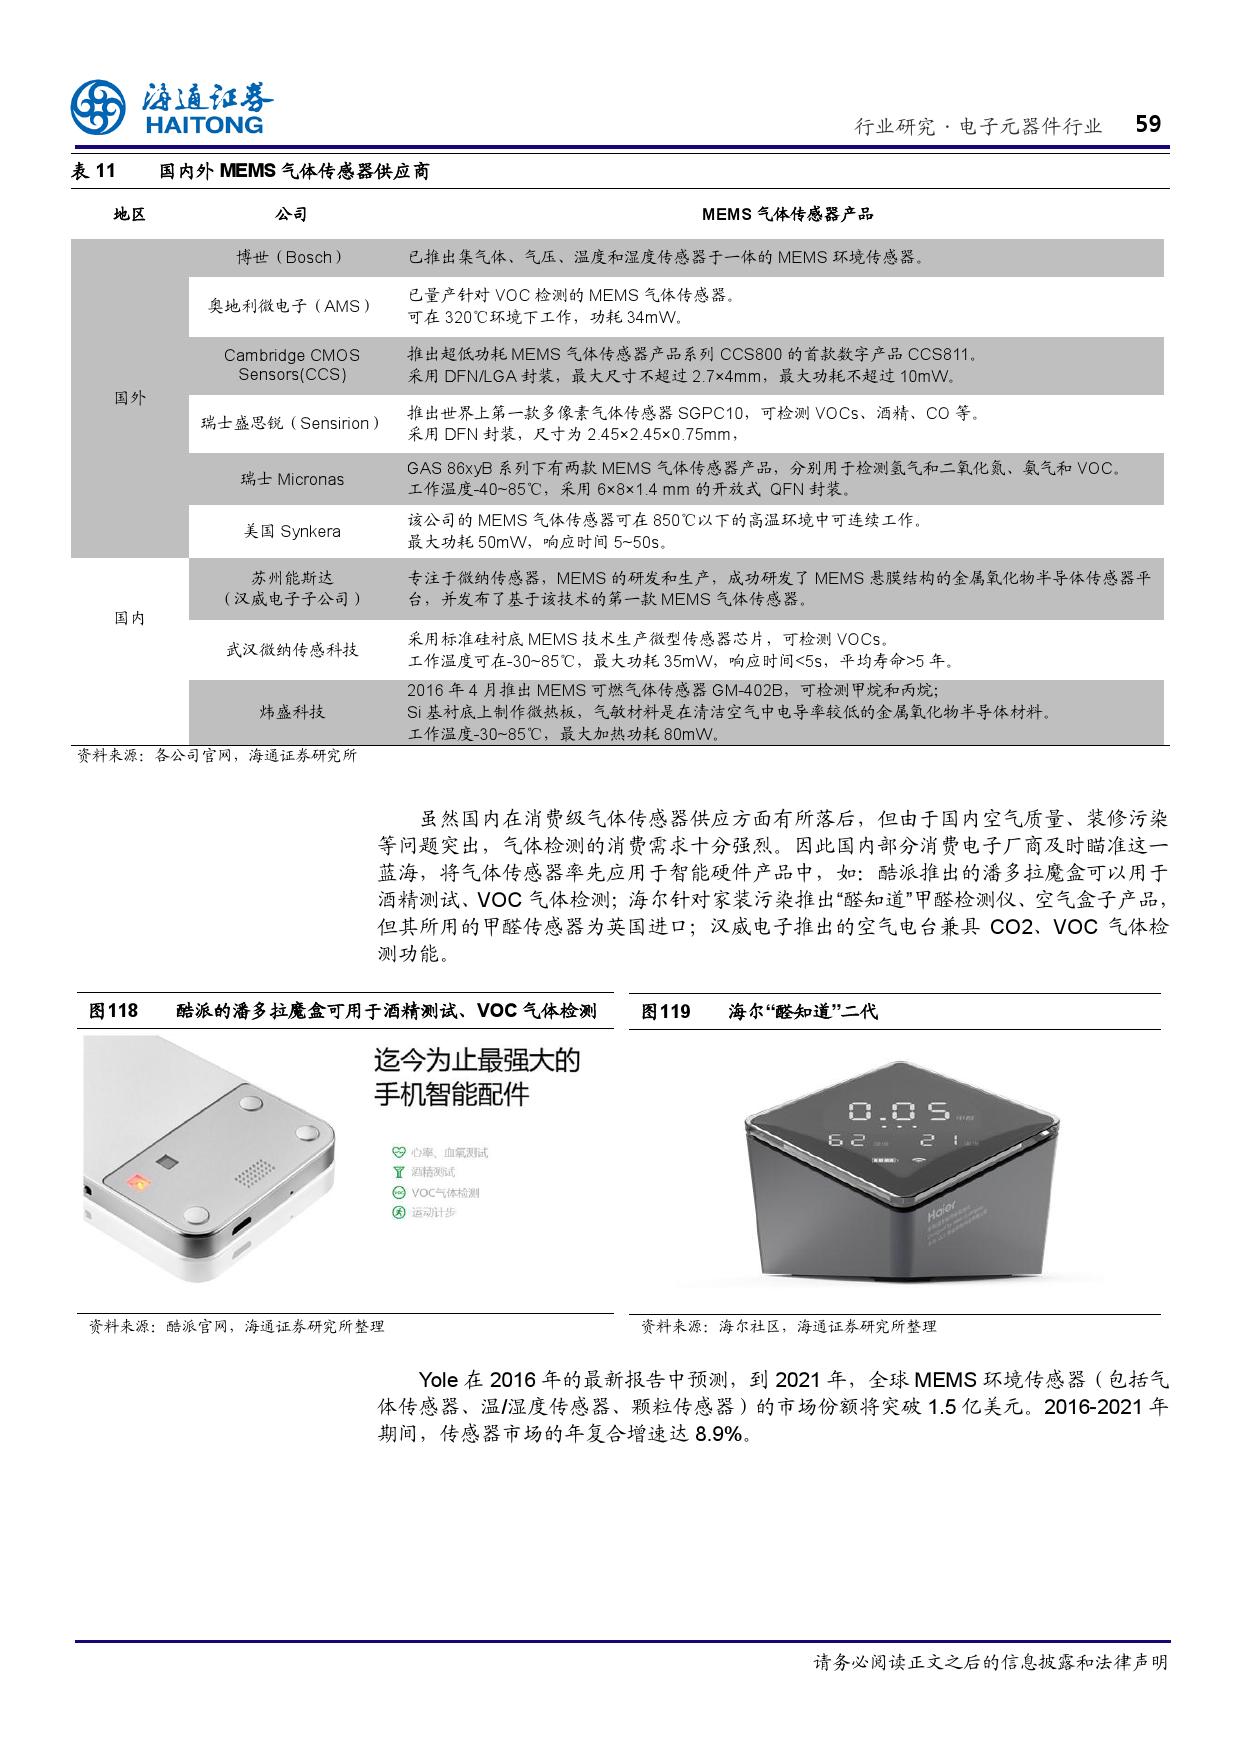 报告全解传感器全球产业链_000059